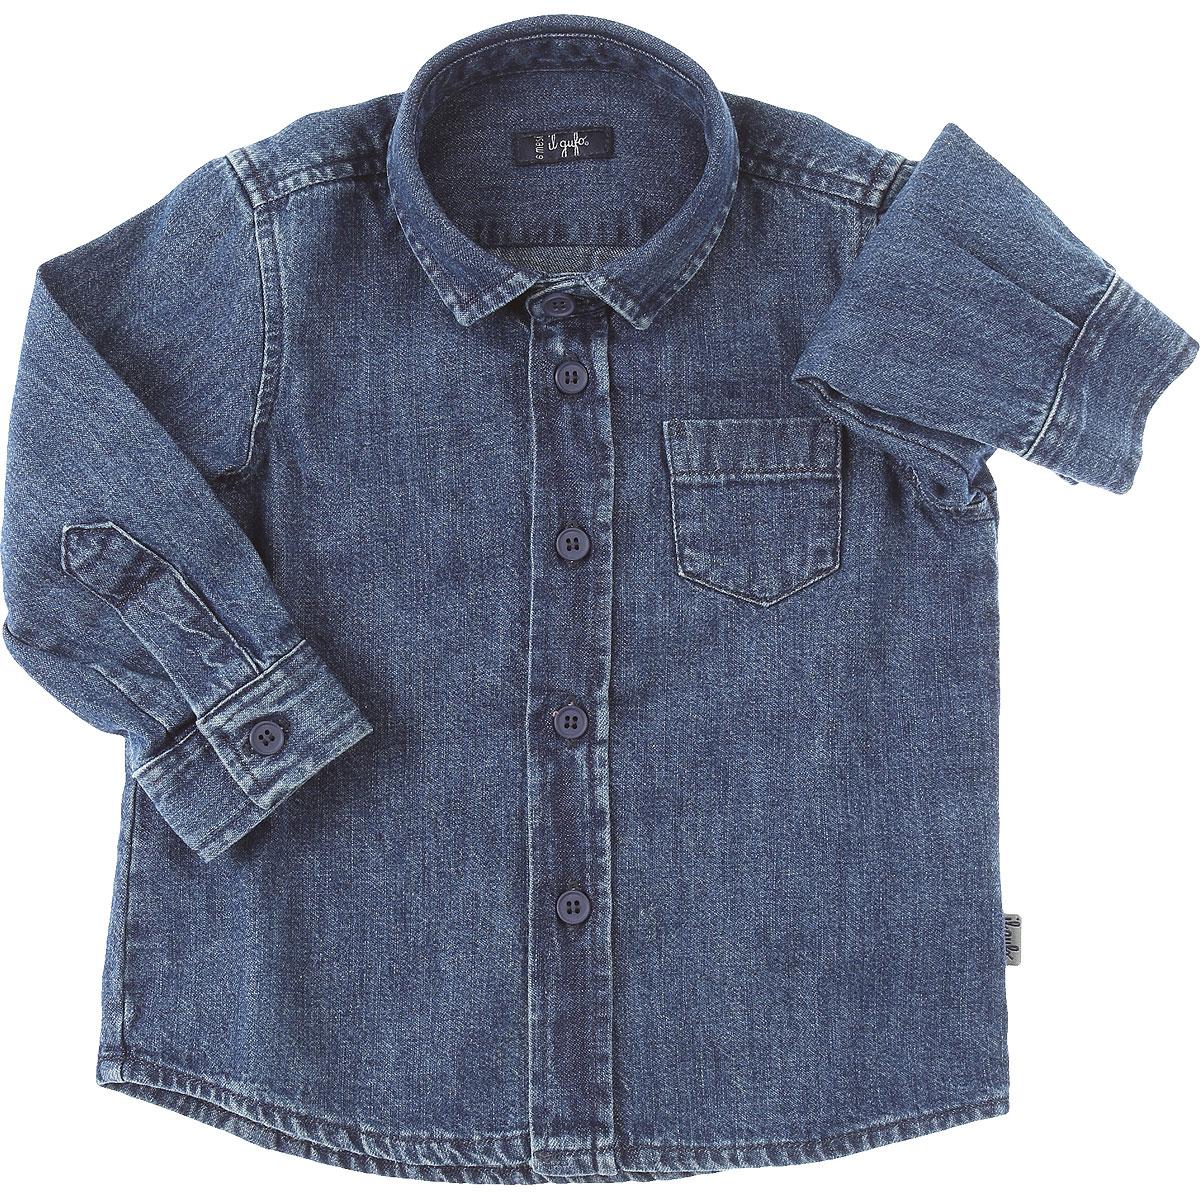 Il Gufo Chemises Bébé pour Garçon, Bleu jean, Coton, 2017, 12M 18M 2Y 6M 9M